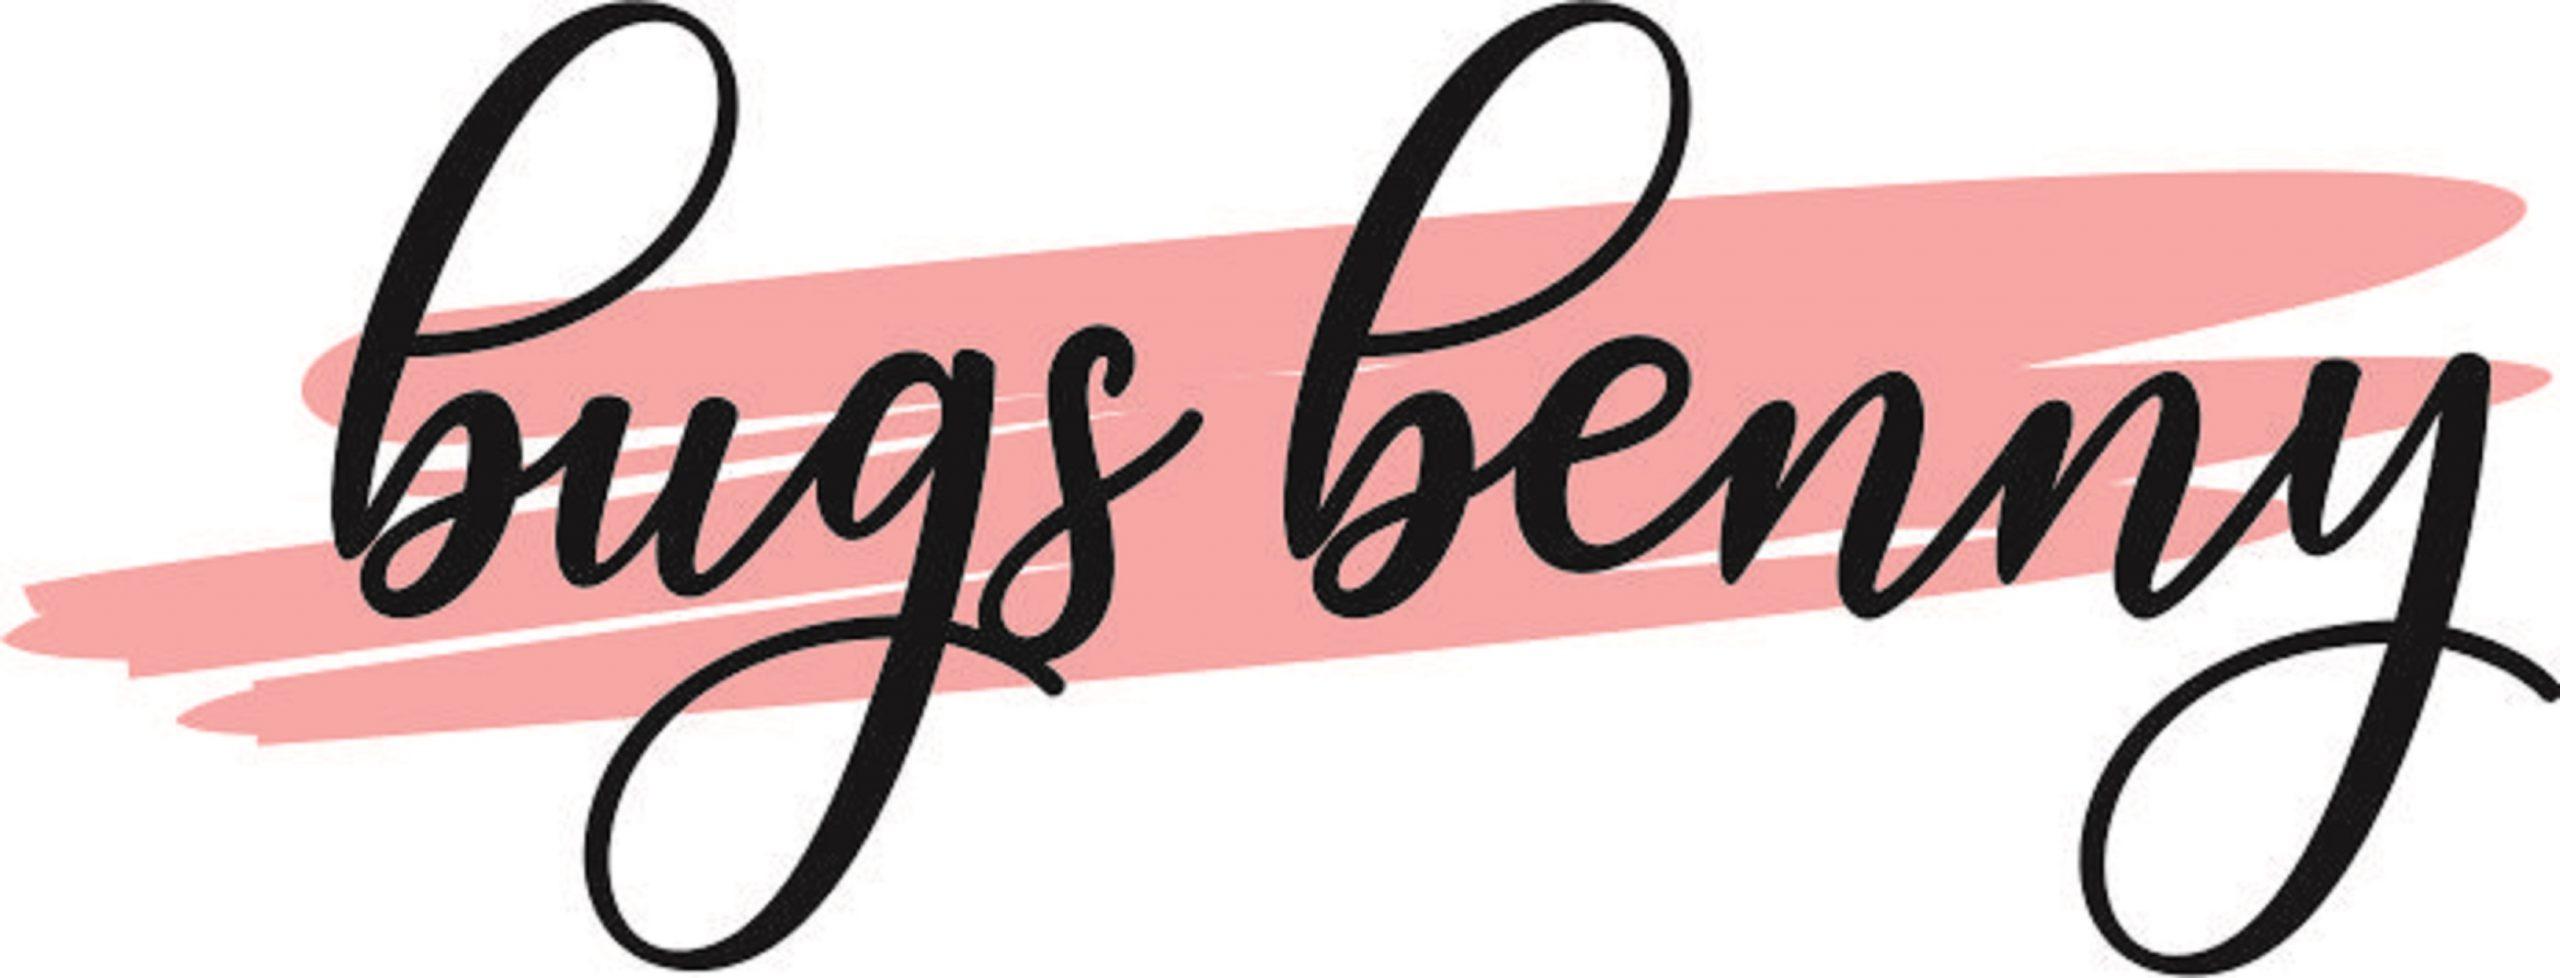 Bugs Benny